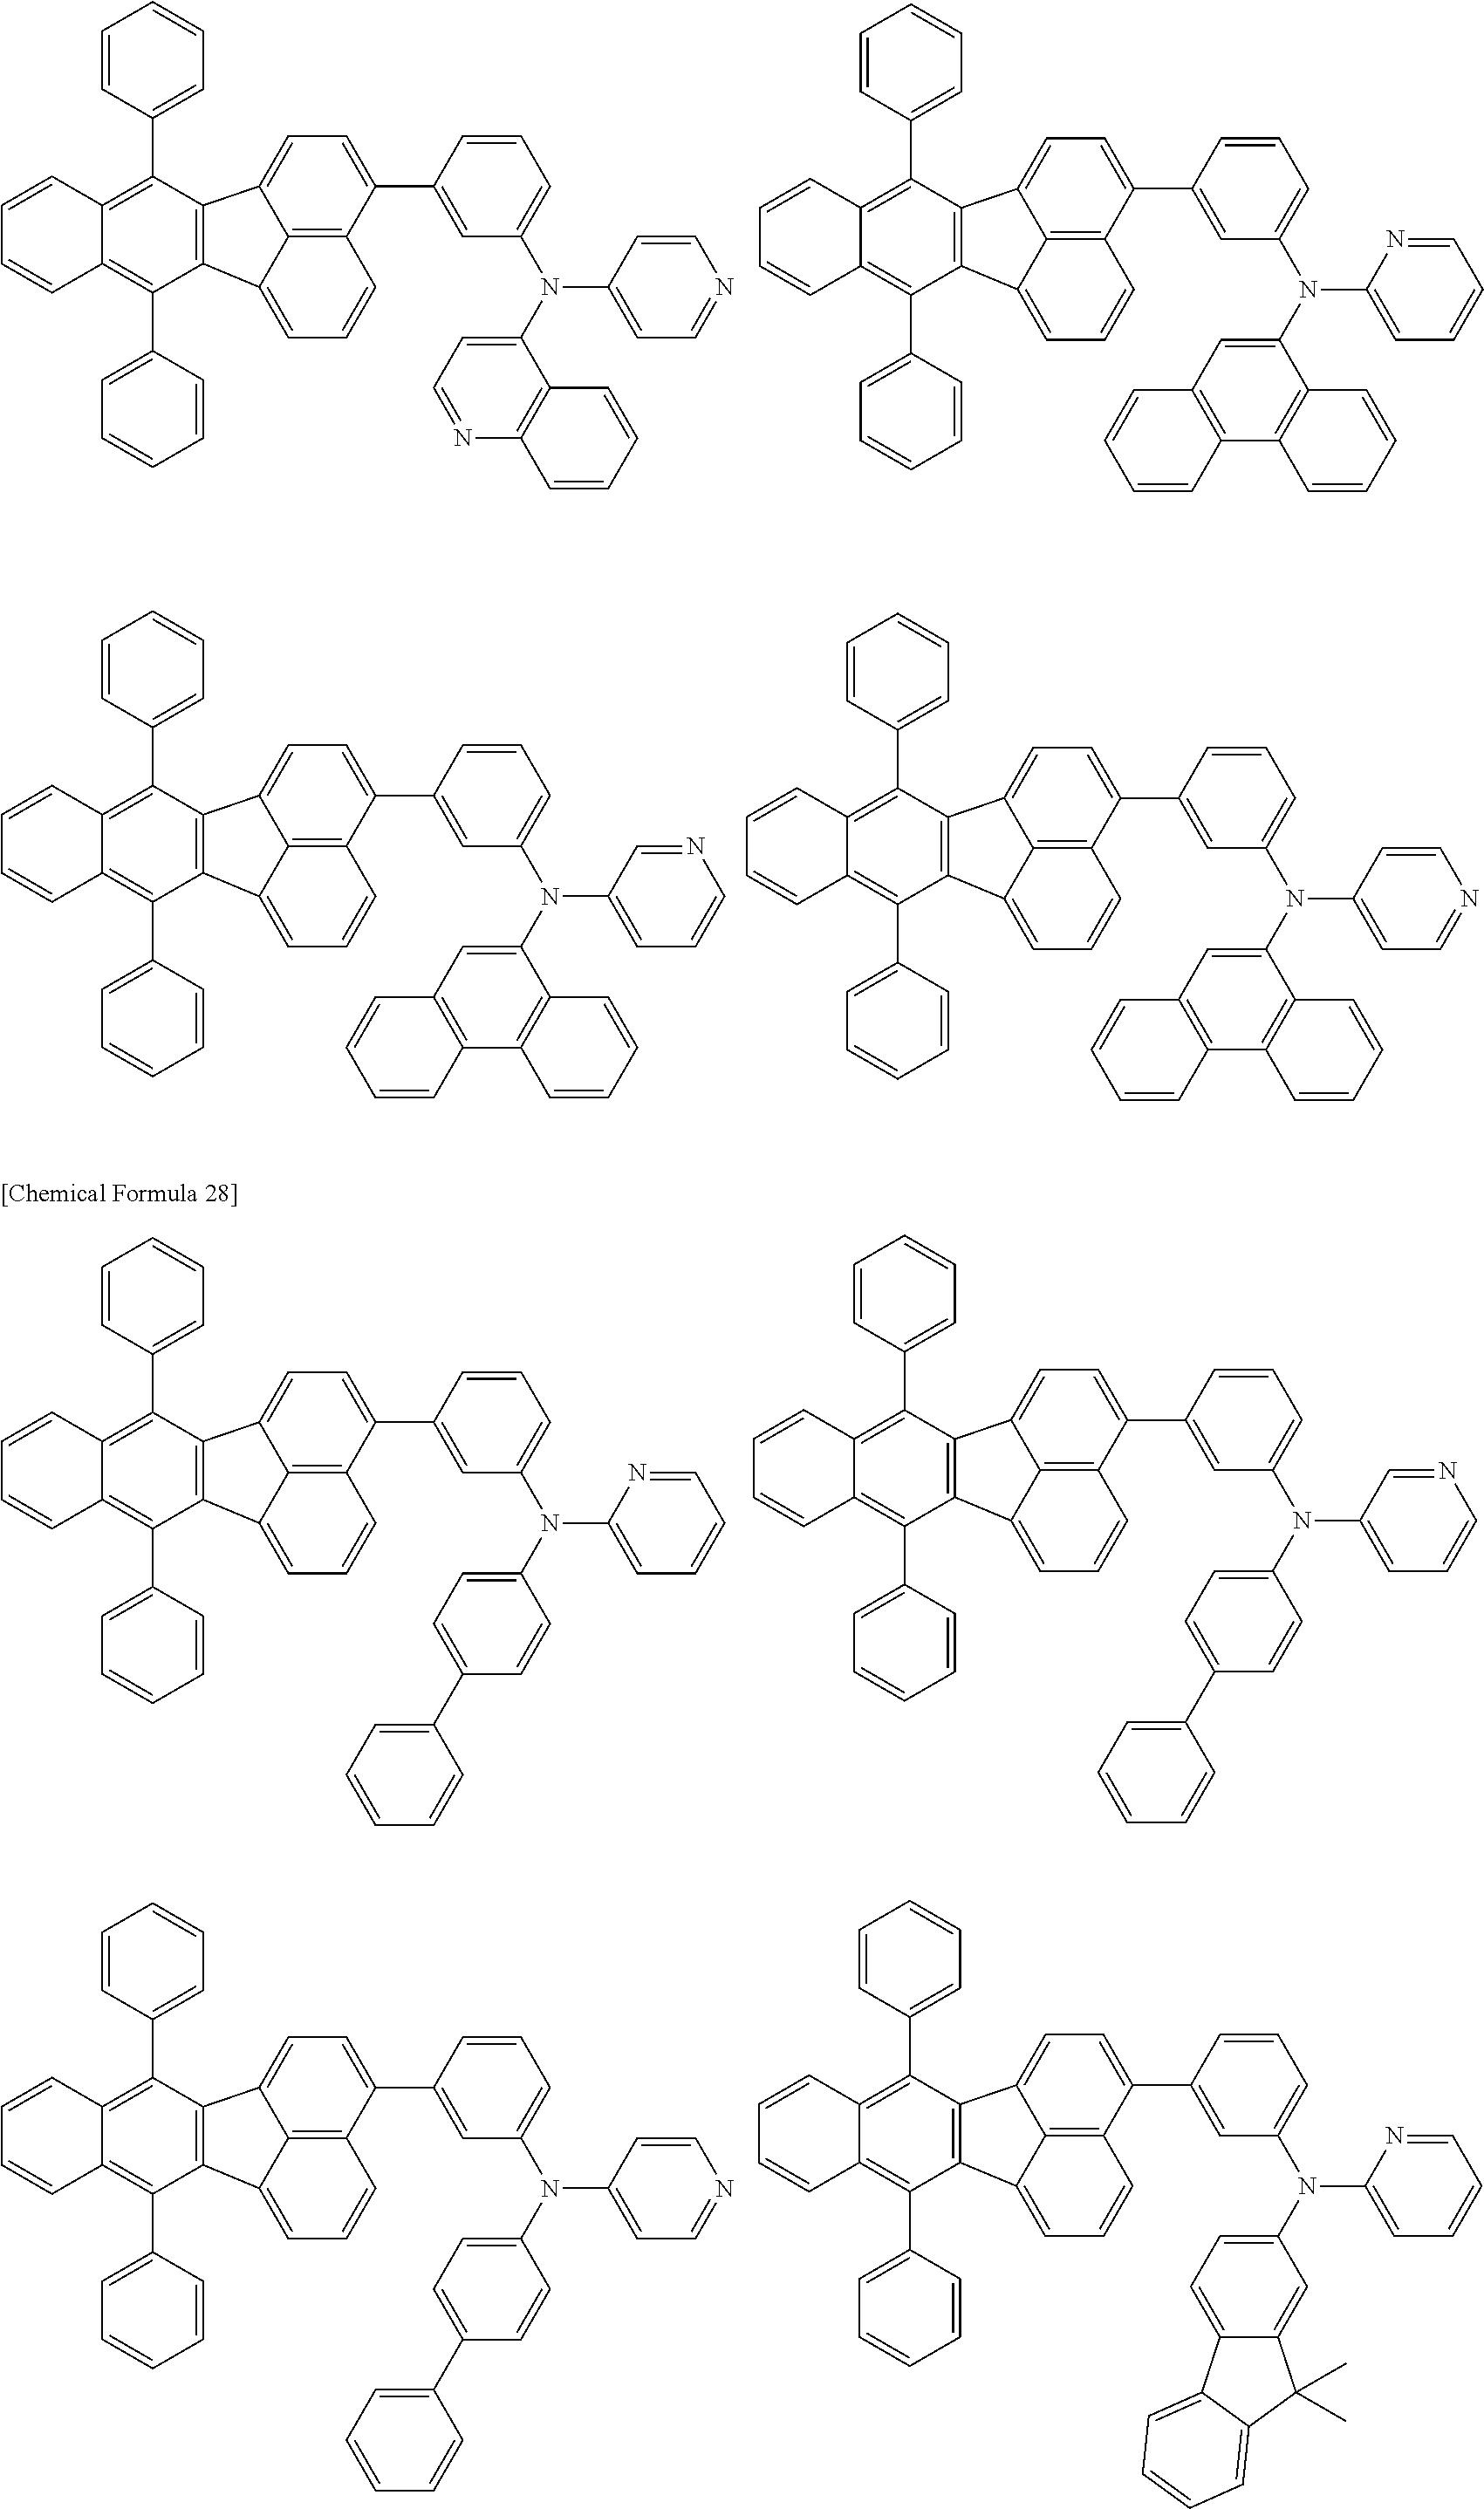 Figure US20150280139A1-20151001-C00071